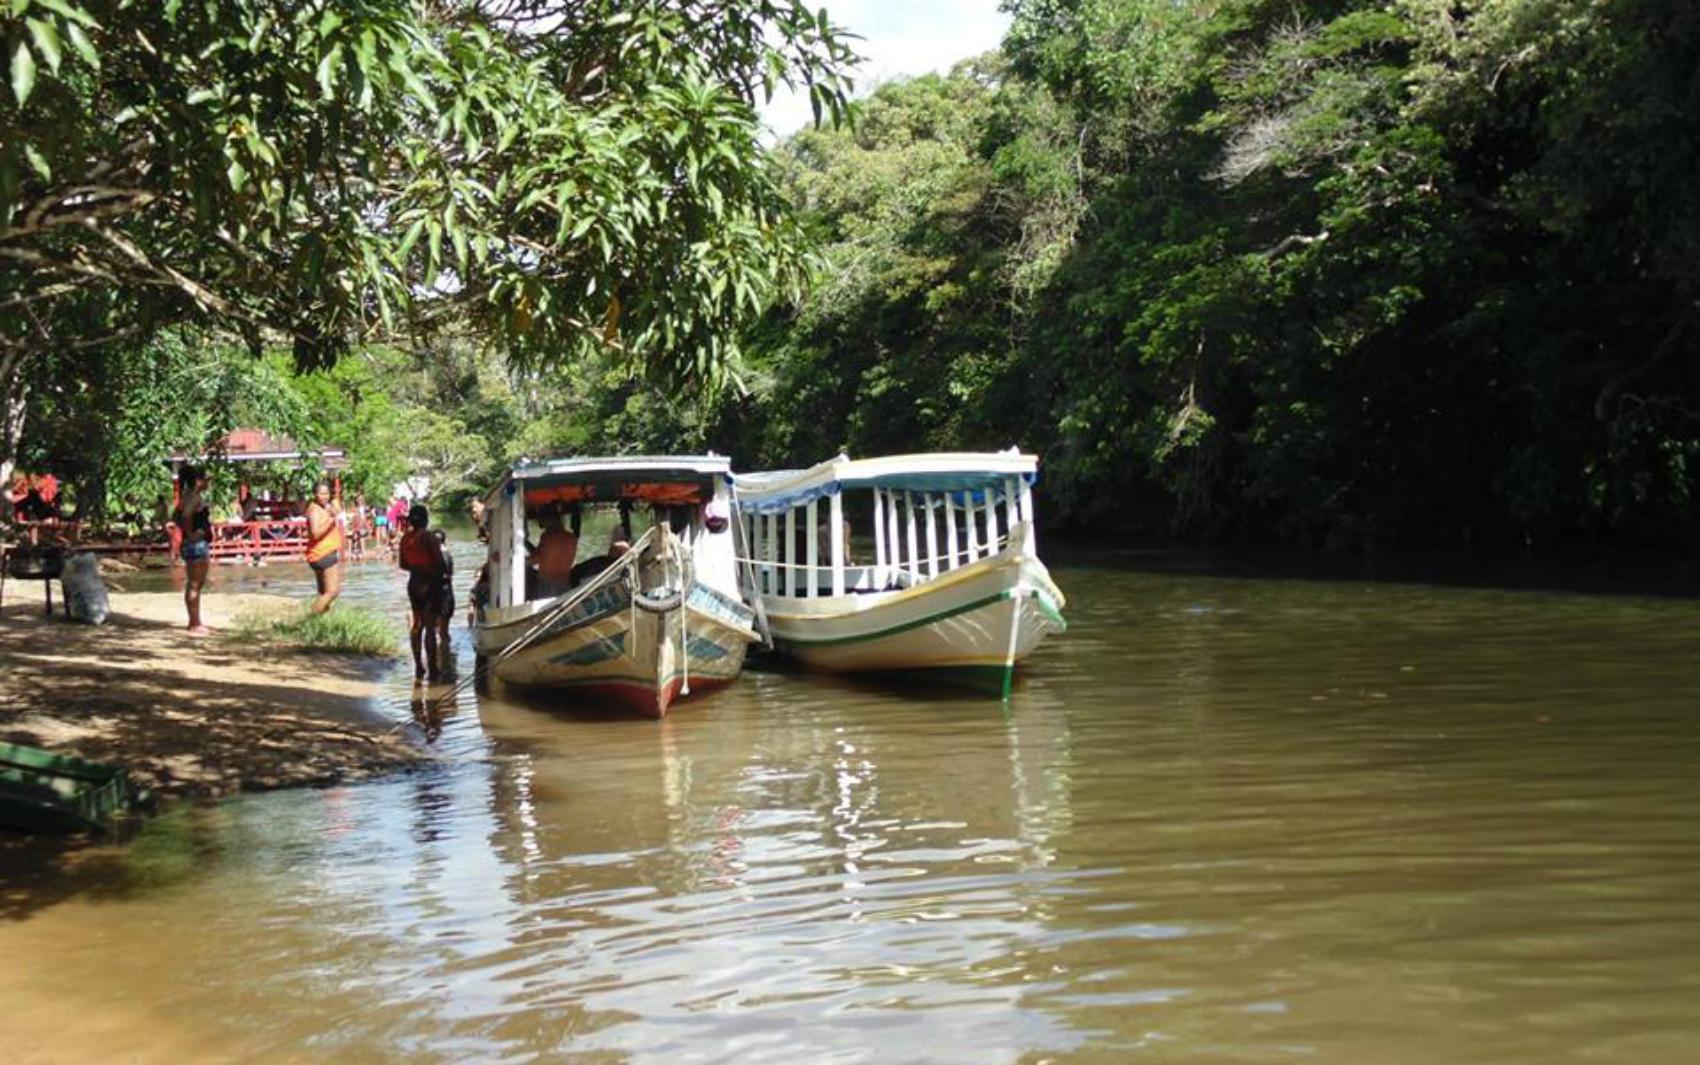 Distrito de Maruanum, em Macapá, onde ocorre a Festa da Santíssima Trindade